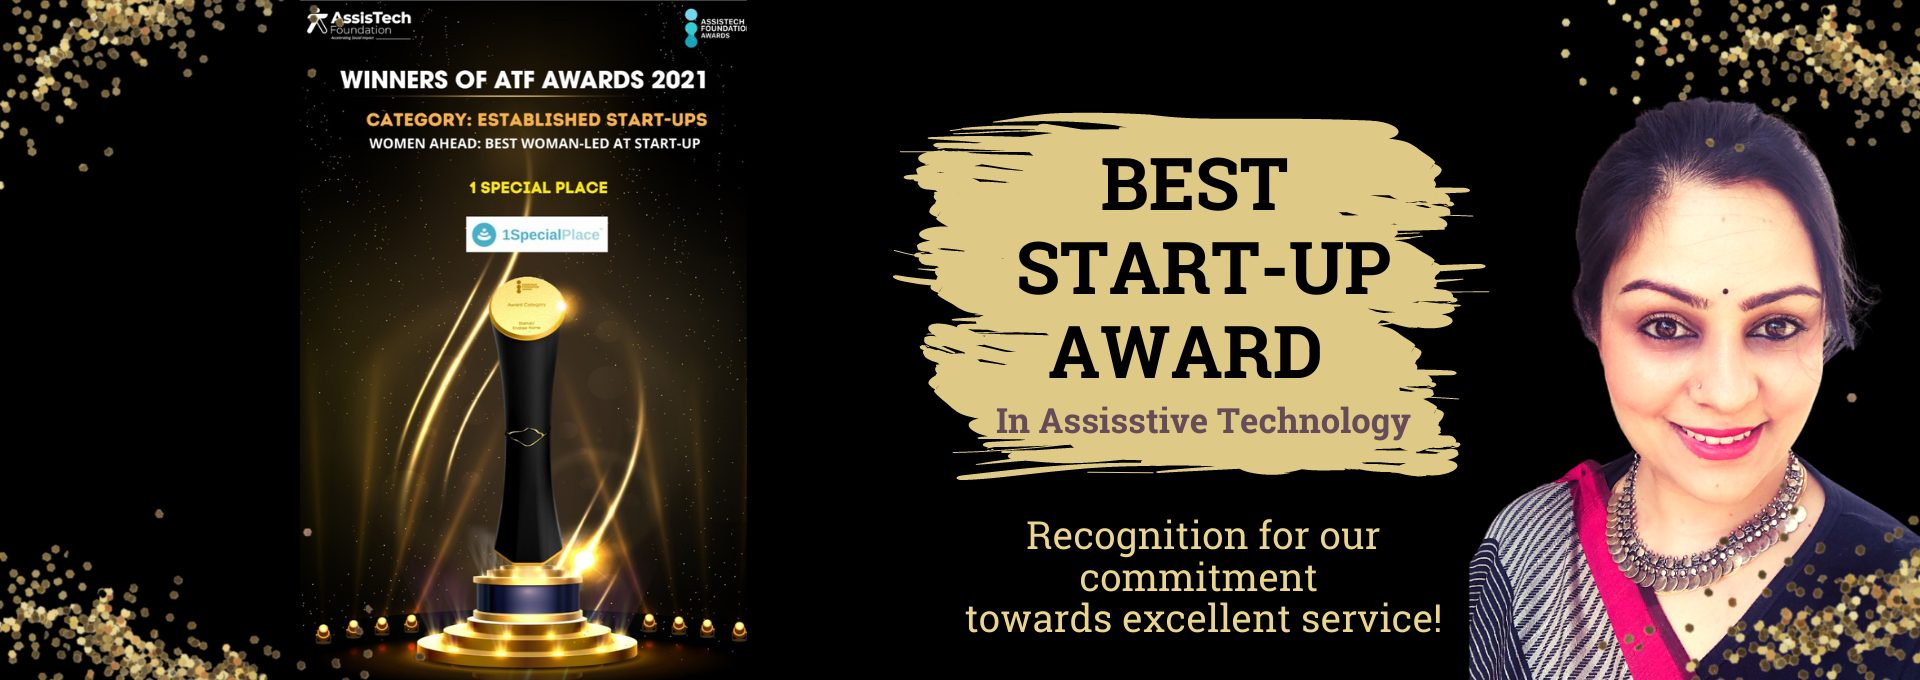 1SpecialPlace Award